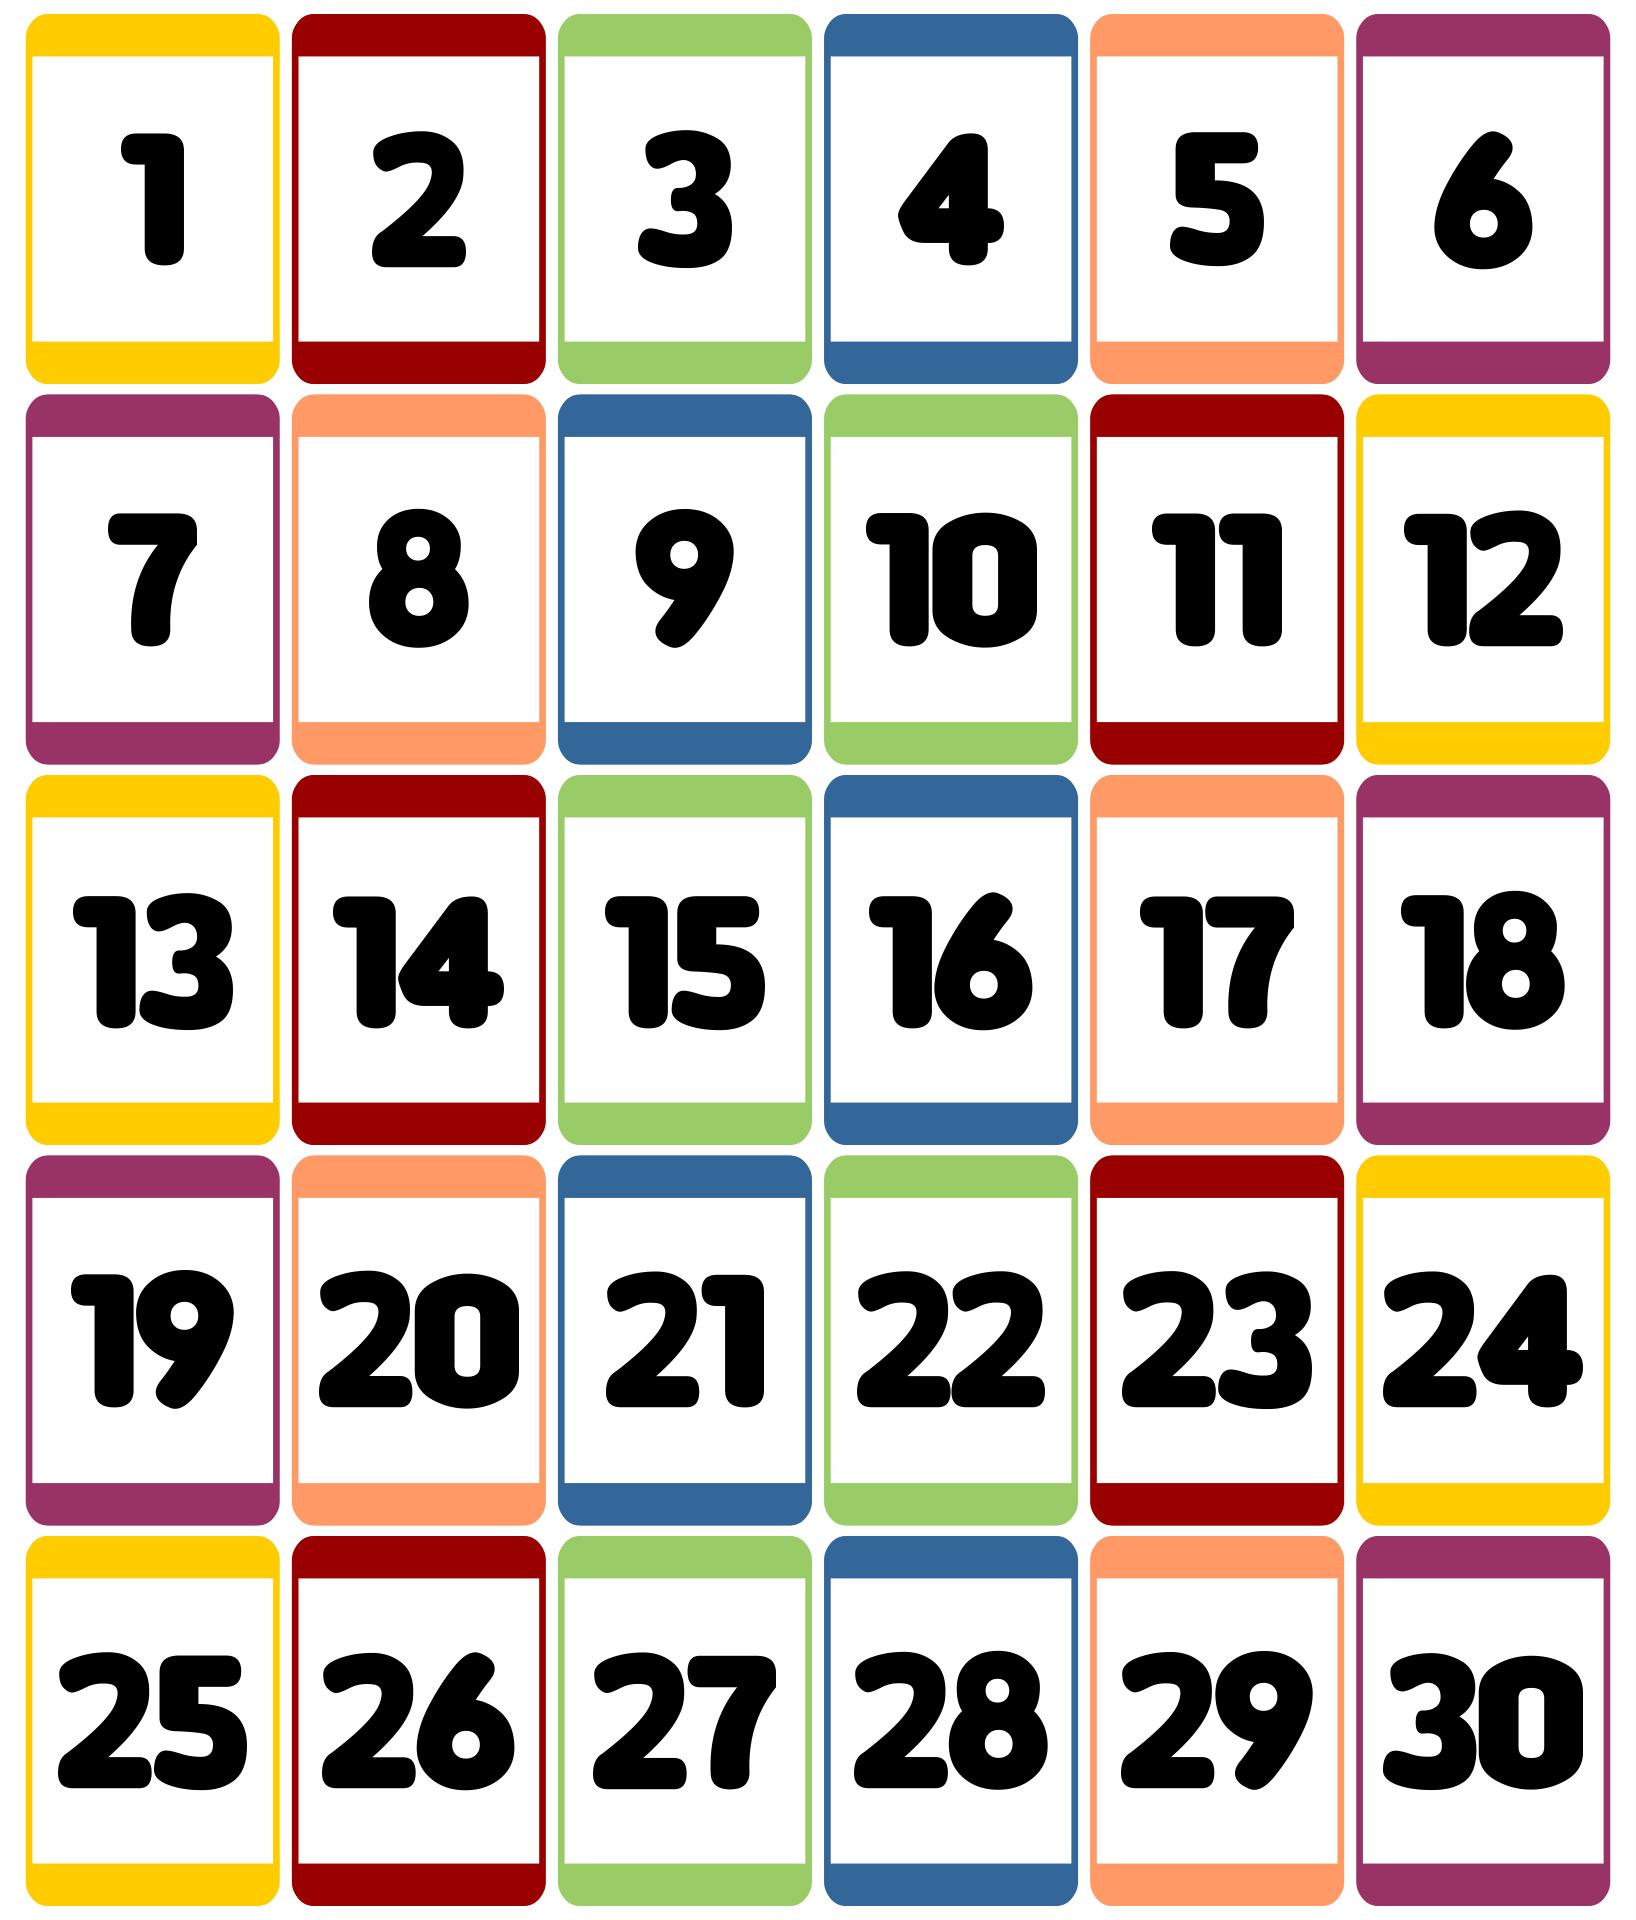 Kindergarten Number Flashcards 1-30